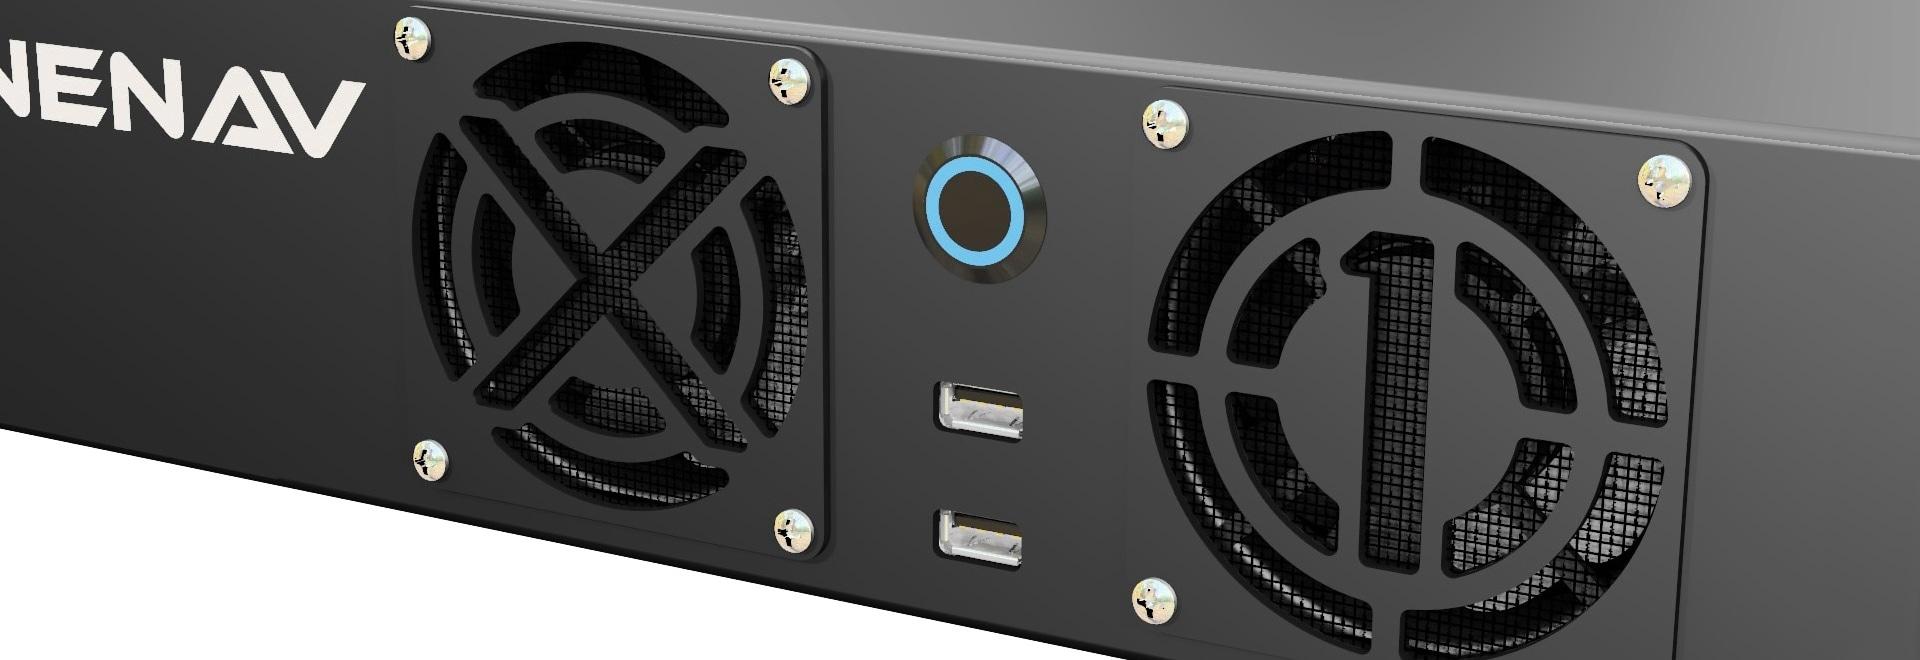 MarineNav ? ordinateur monté sur crémaillère de s X1, versions standard et fanless dont maintenant sont lancés sur le marché dans l'ensemble de l'Europe pour hydrographique et d'autres applications...